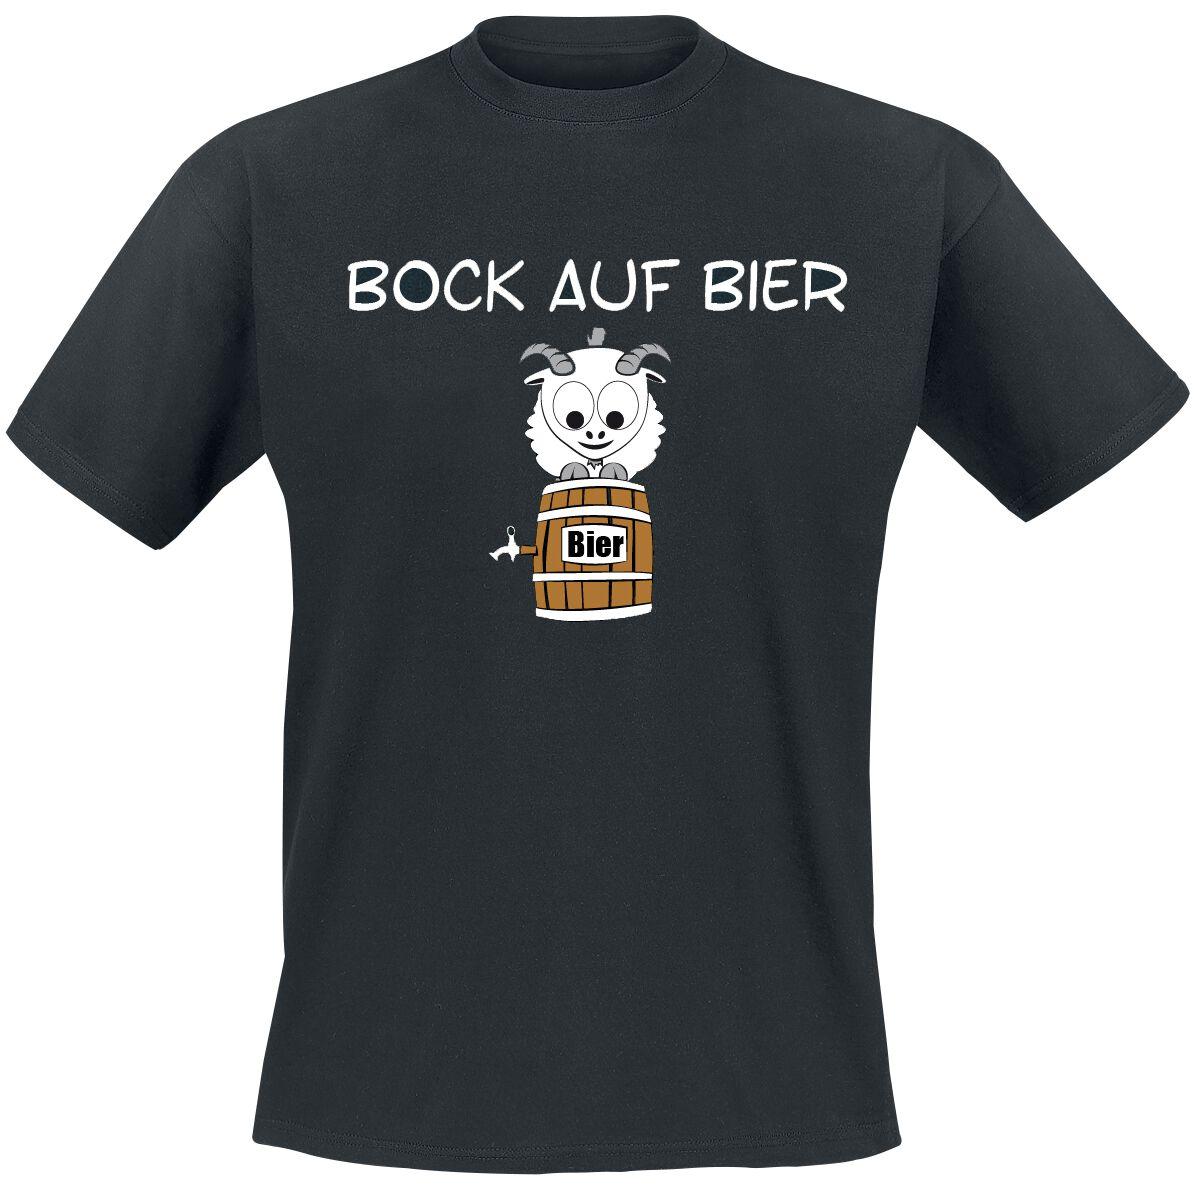 Bock auf Bier T-Shirt schwarz T2498